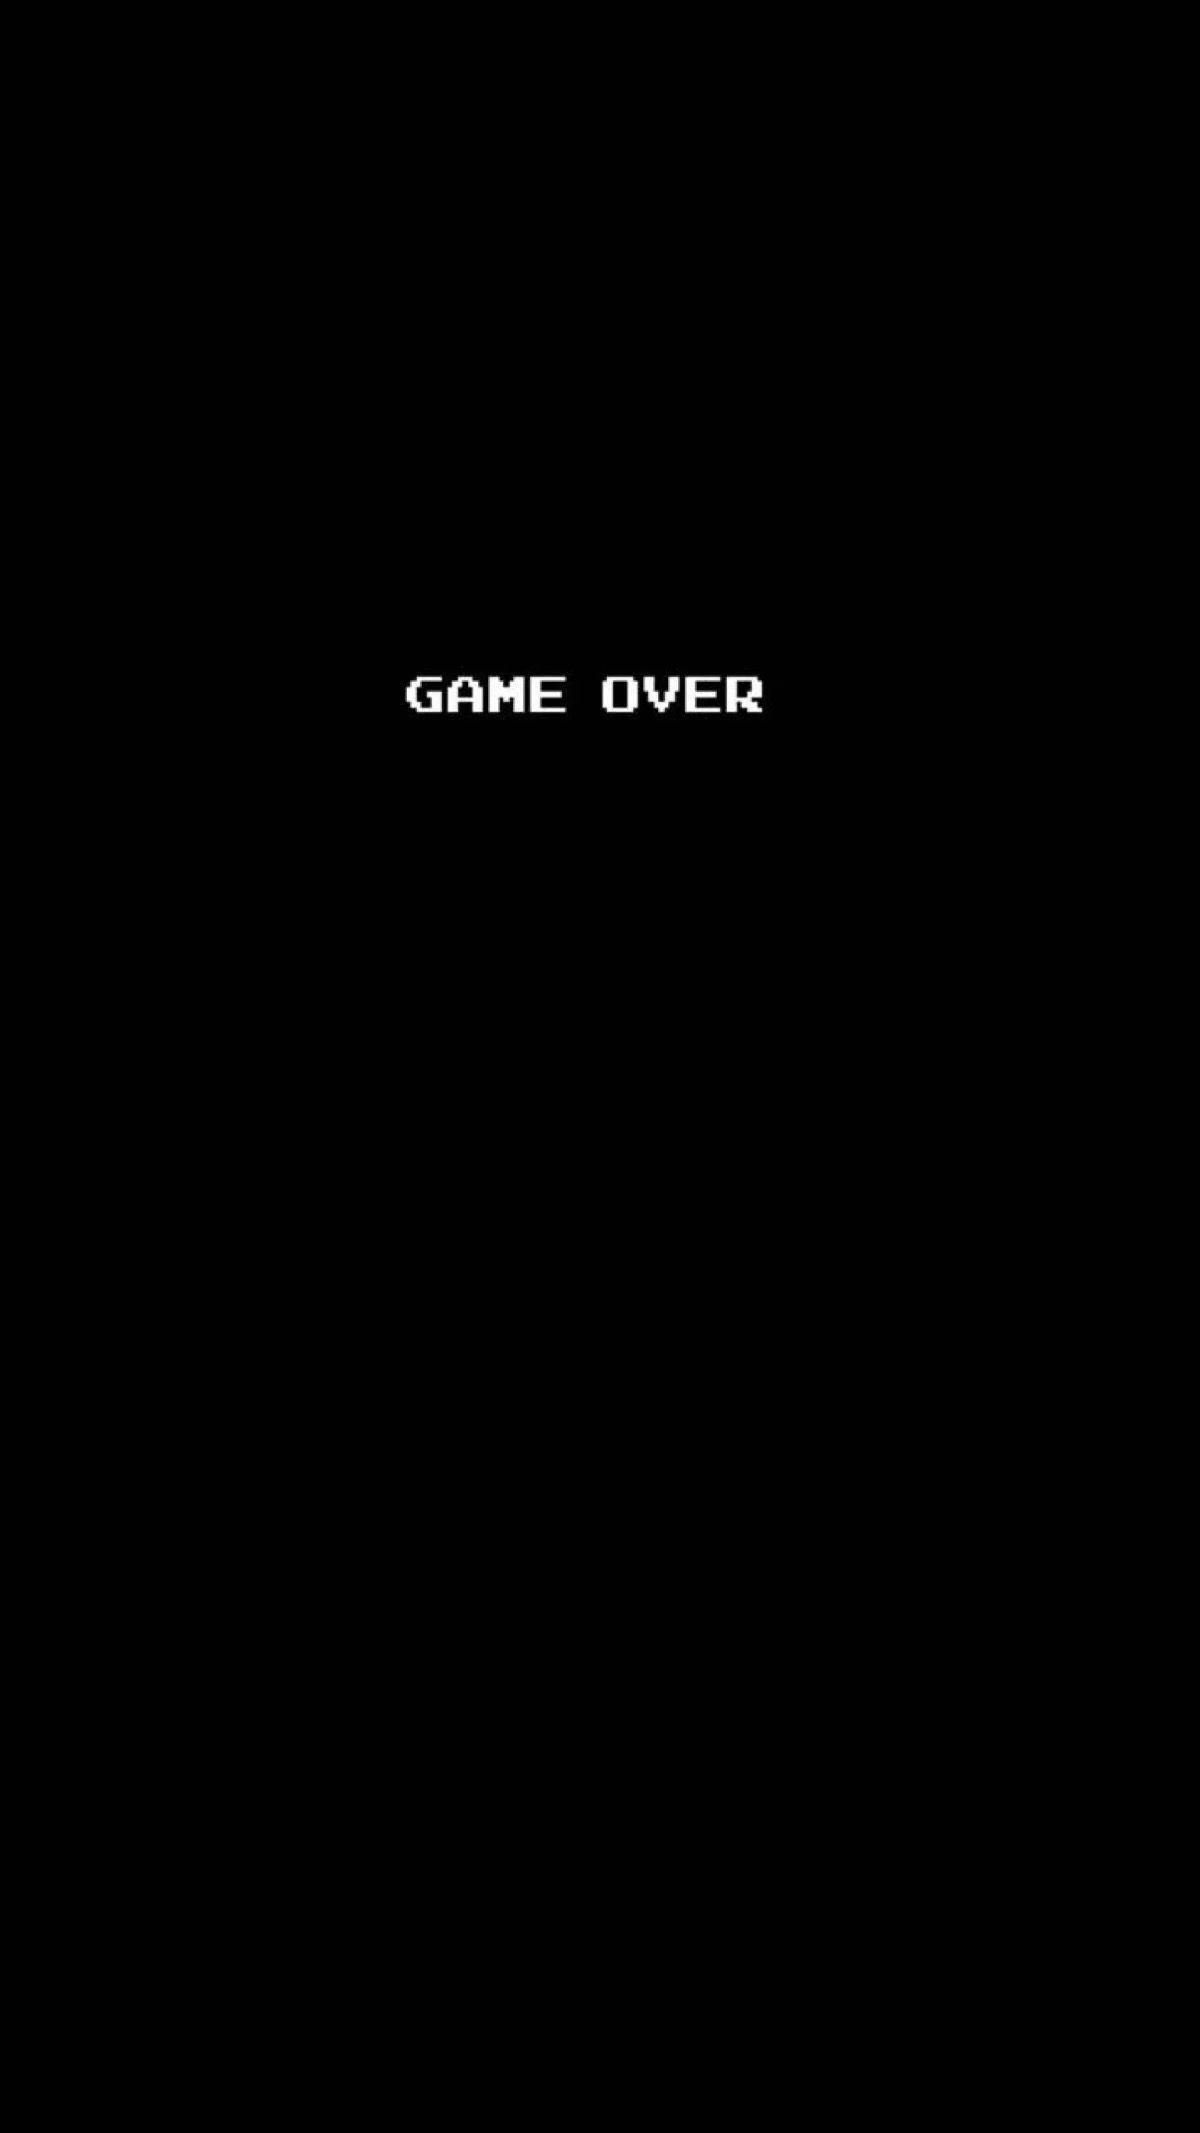 Ja, ich wusste bereits, dass das Spiel vorbei ist, als ich nicht einmal 5 Minuten mit dir auf dich hatte … – Blog